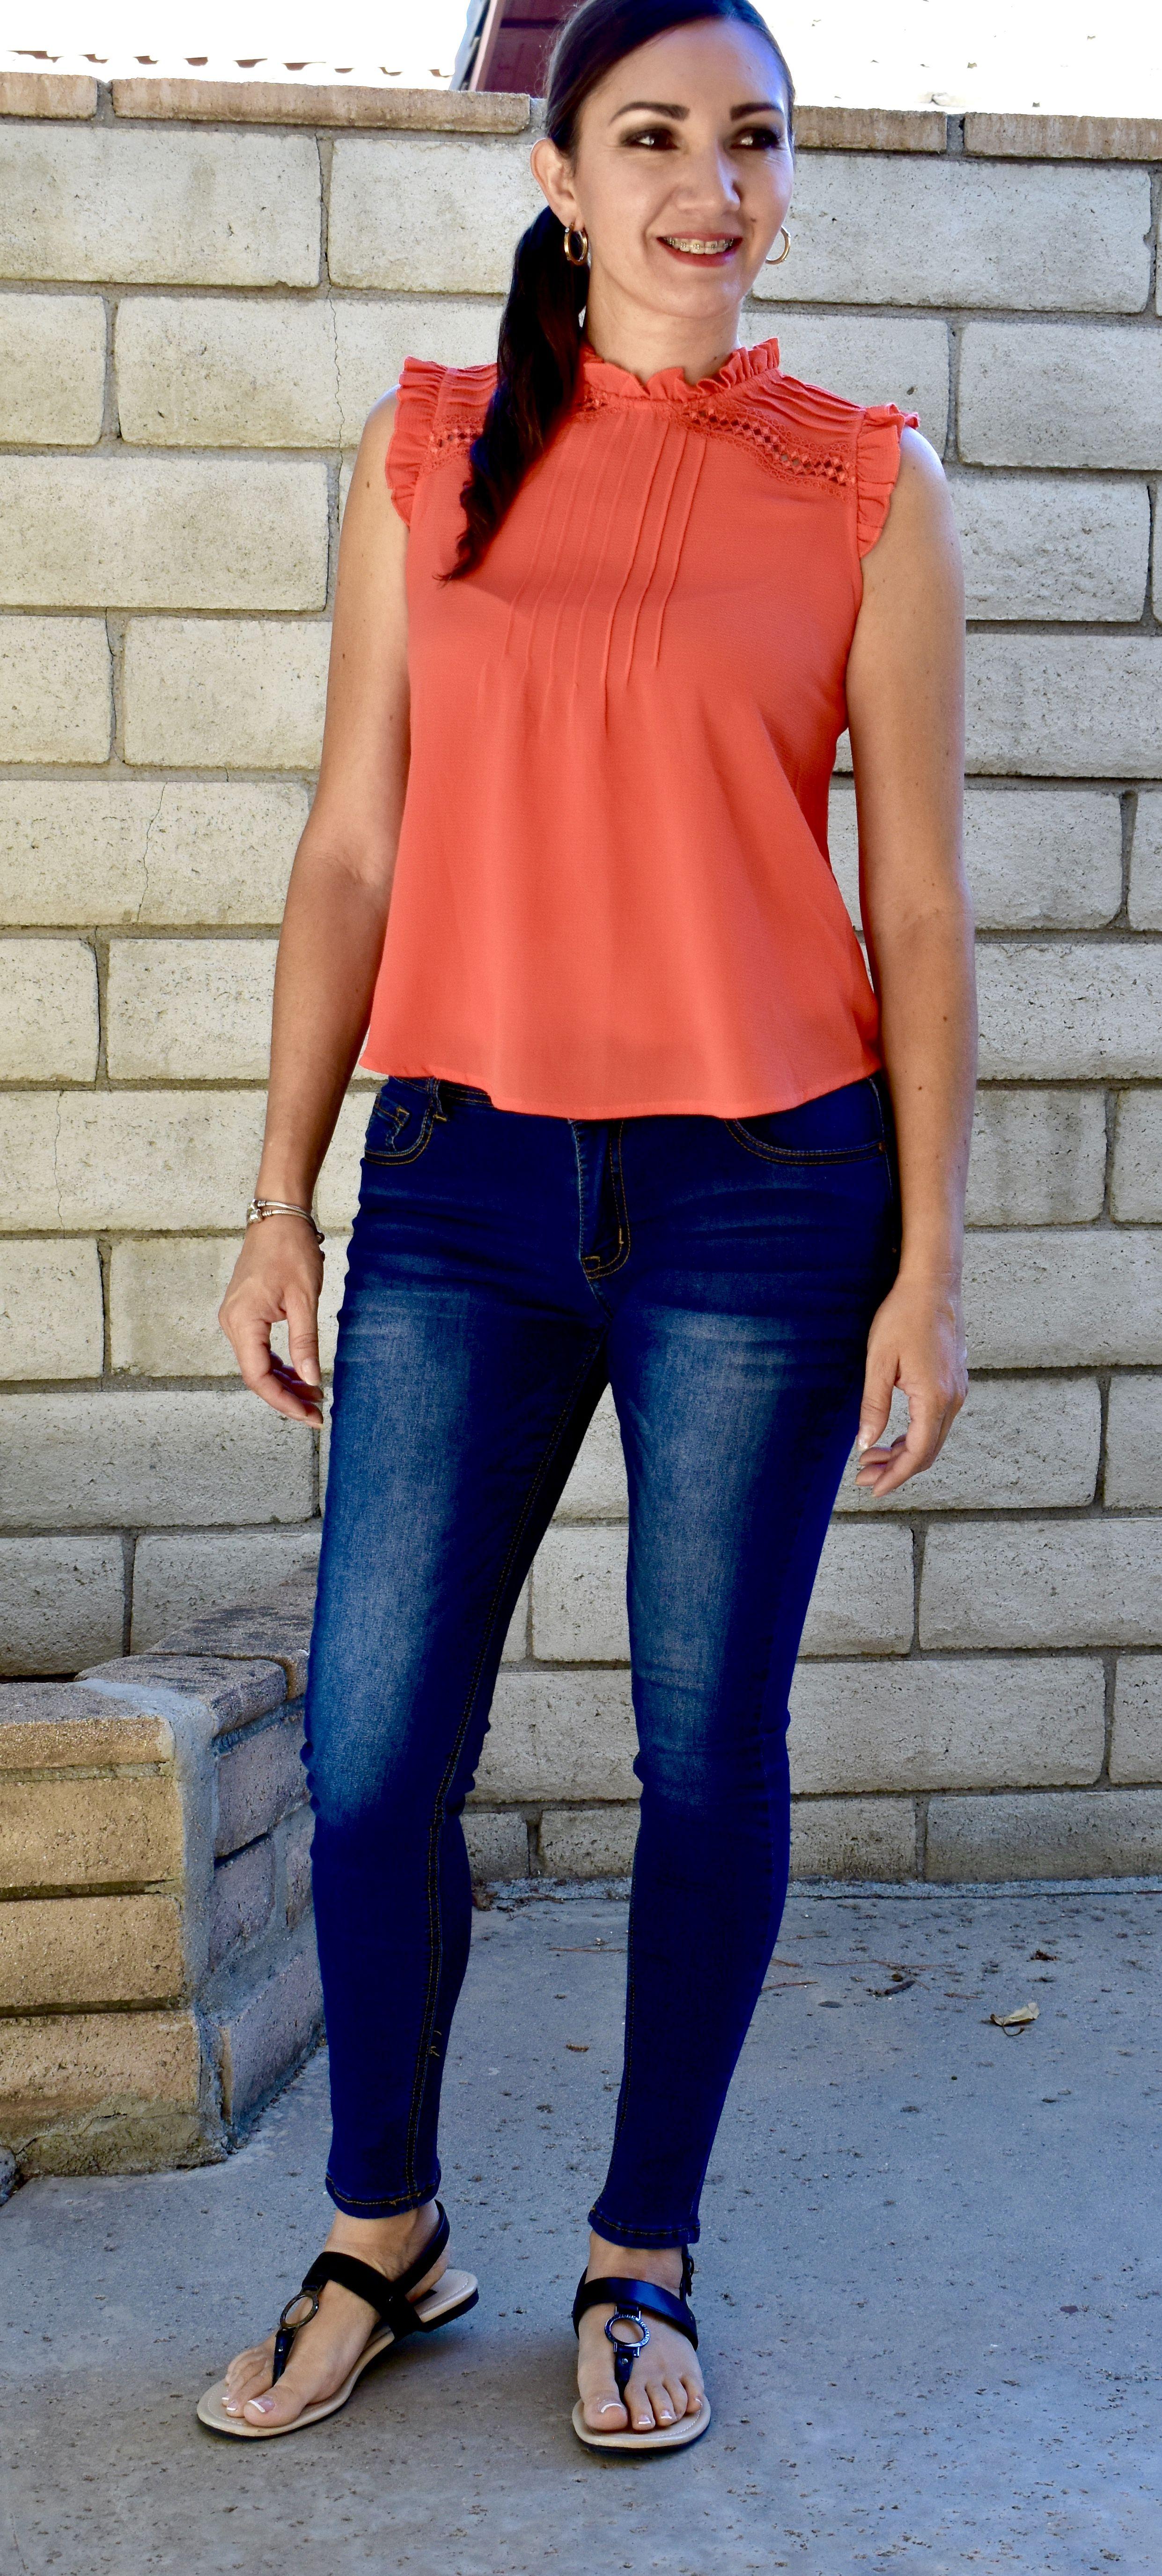 Orange shirt fashion